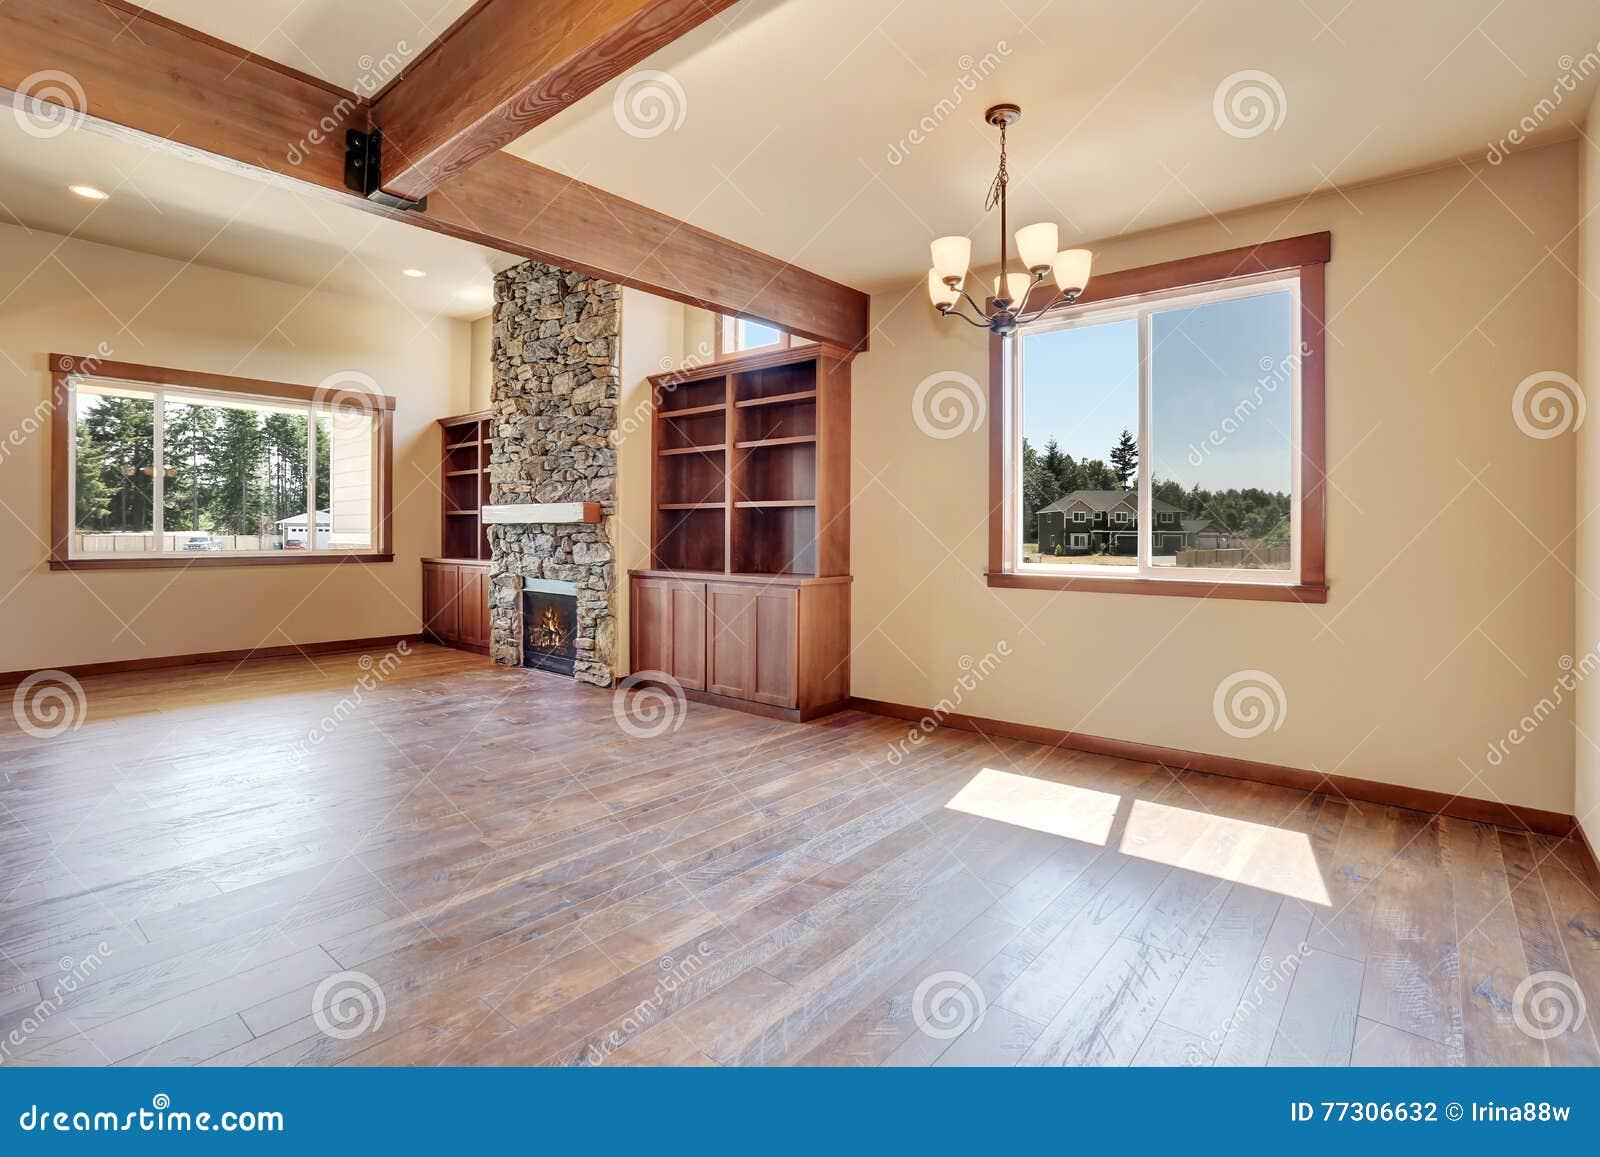 Camino In Pietra E Legno : Salone vuoto con il pavimento di legno duro il camino di pietra e